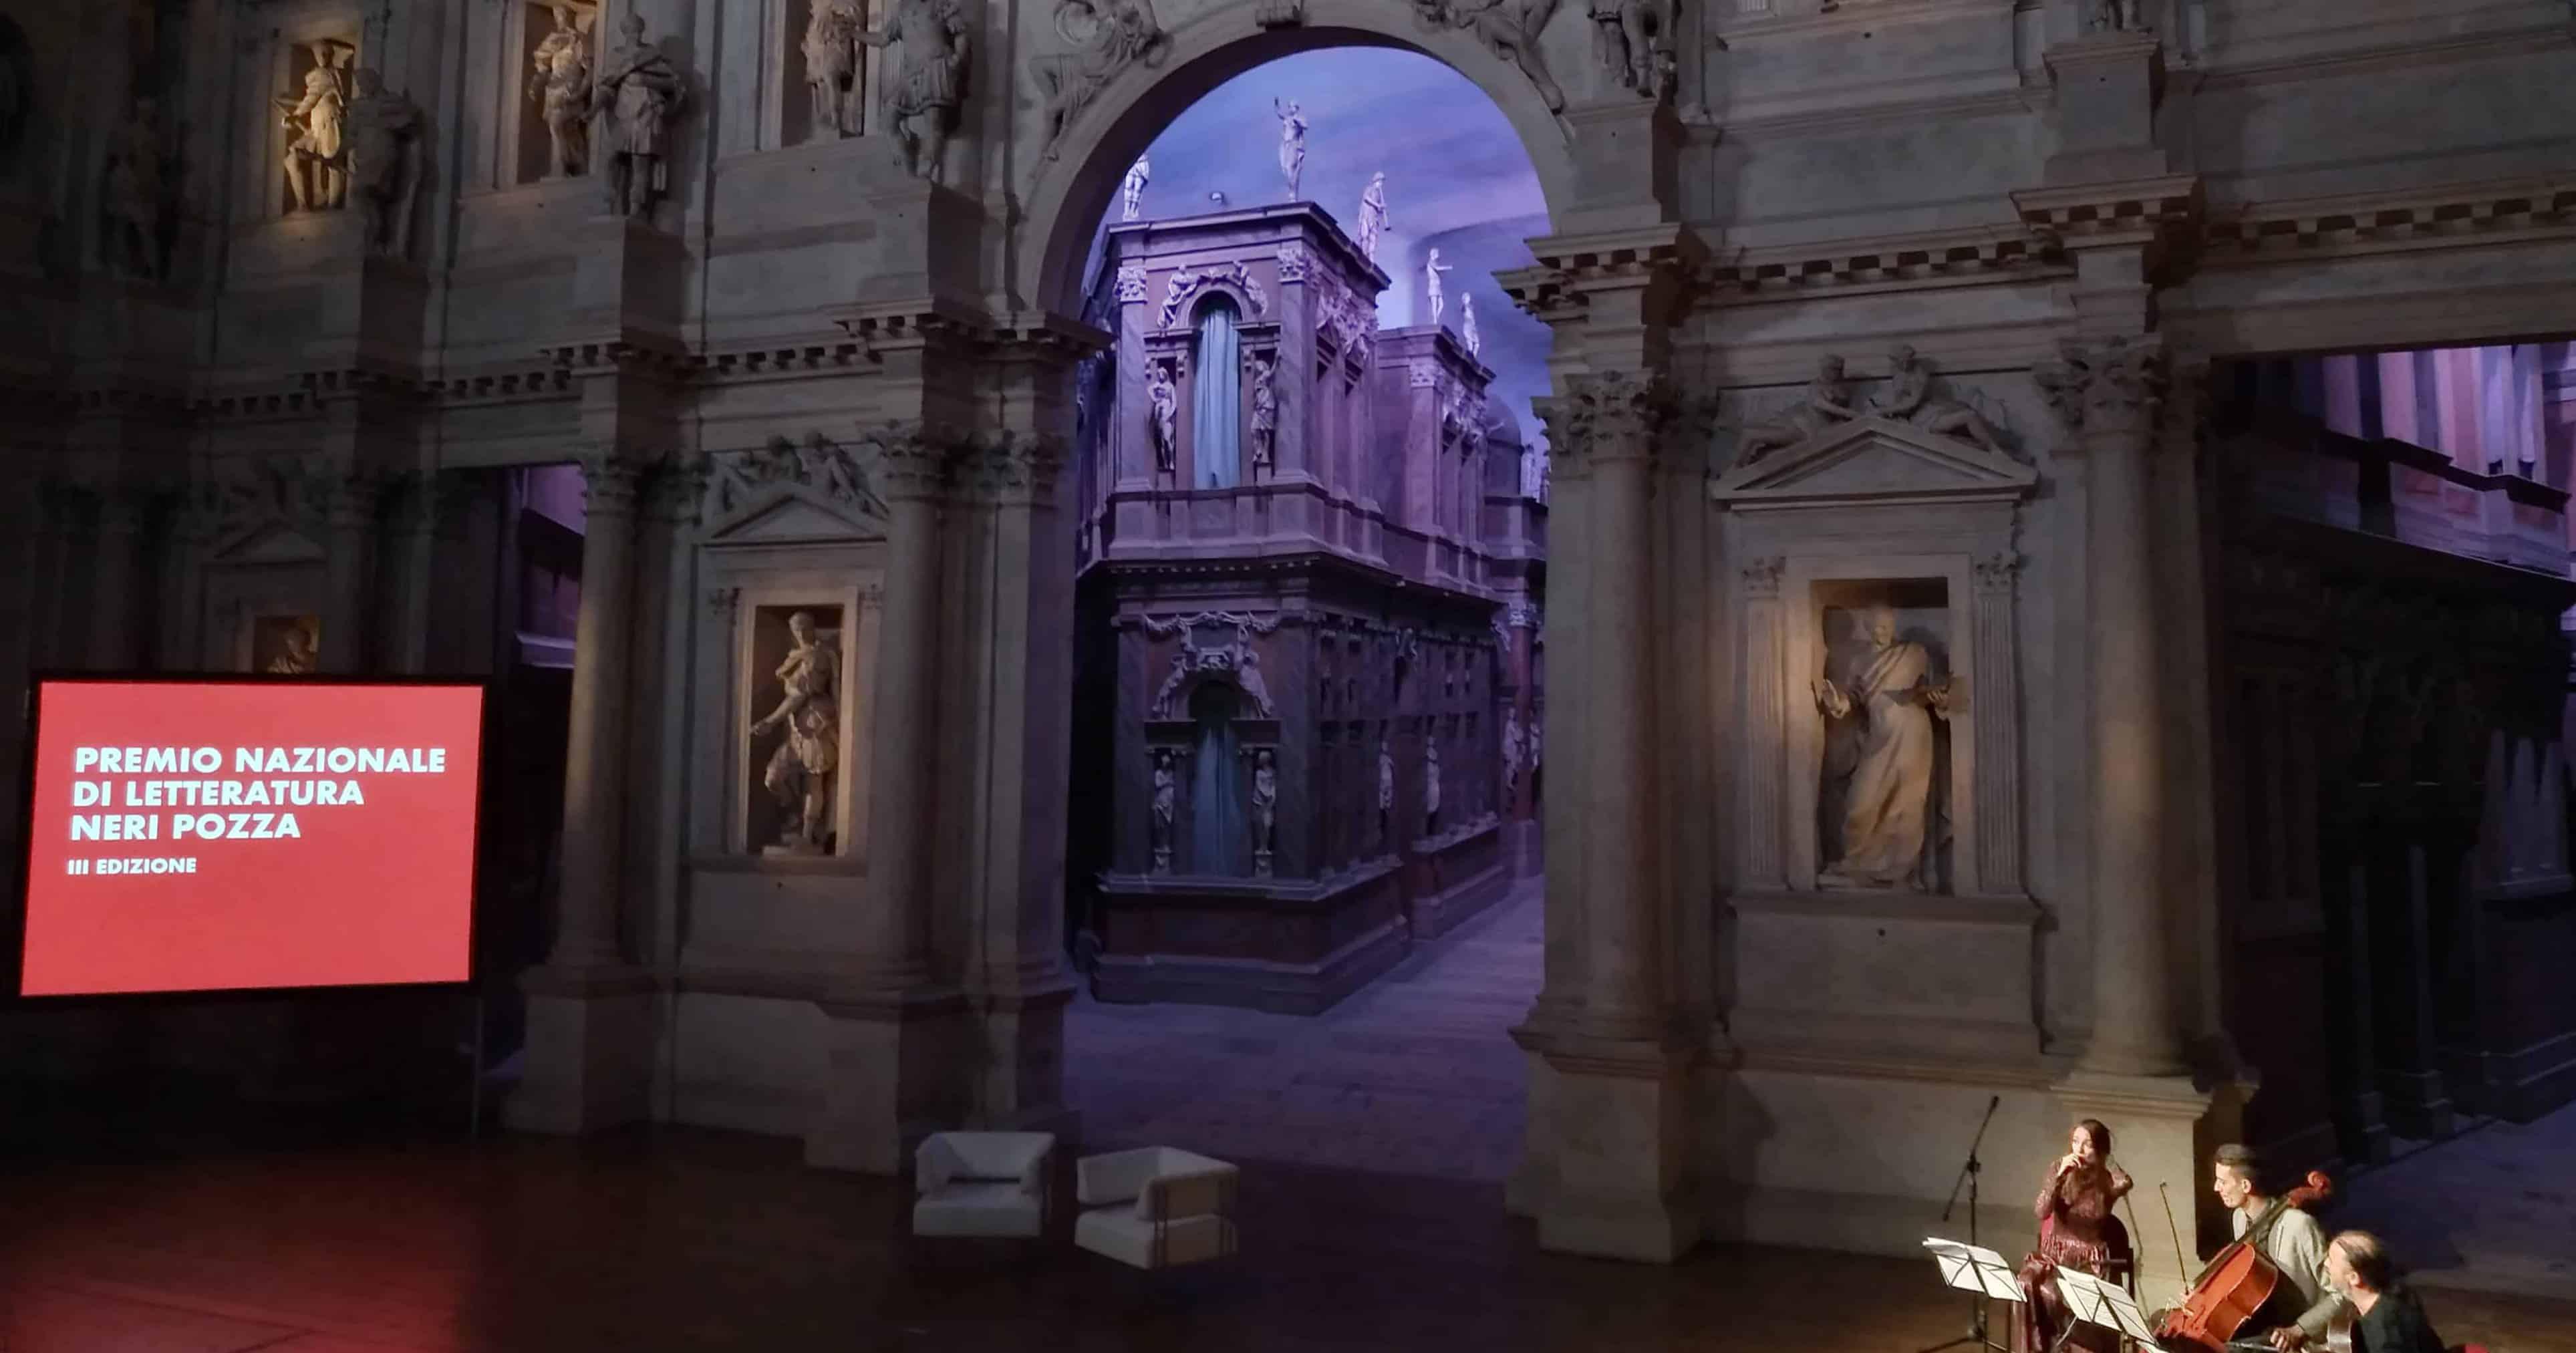 Cerimonia di premiazione Premio Nazionale di Letteratura Neri Pozza 2017 - Teatro Olimpico di Vicenza. Credit: Cristina Resa